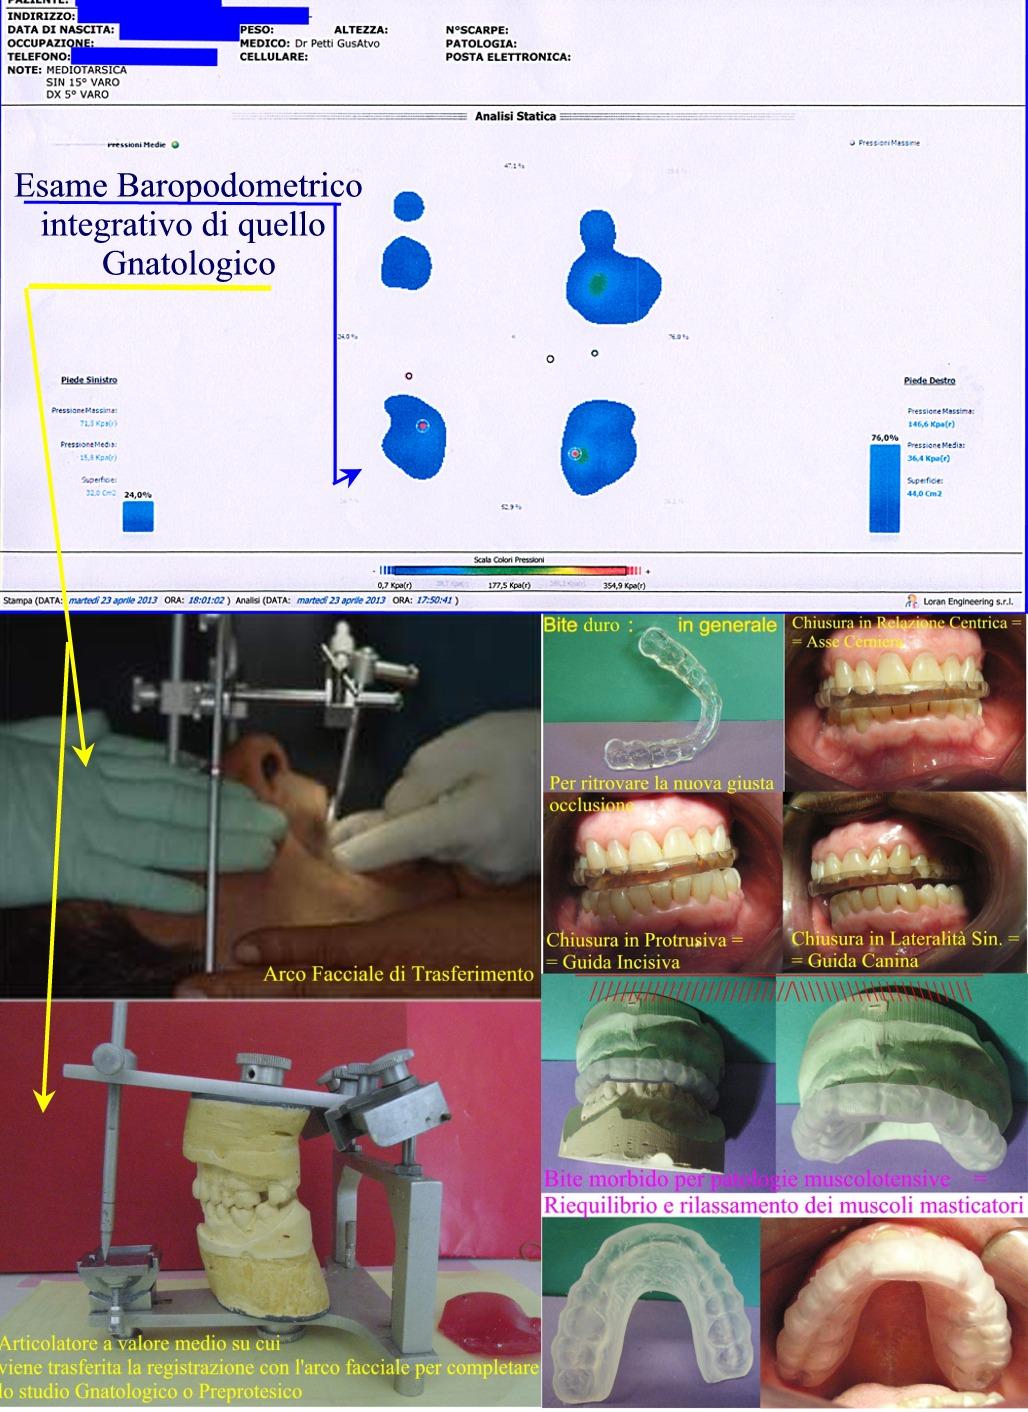 Araco Facciale E Analisi Stabilometrica Computerizzata tra i tanti Esami Di una Visita Gnatologica. Da Dr. Gustavo Petti Parodontologo Gnatologo Riabilitatore orale in Casi Clinici Complessi, di Cagliari